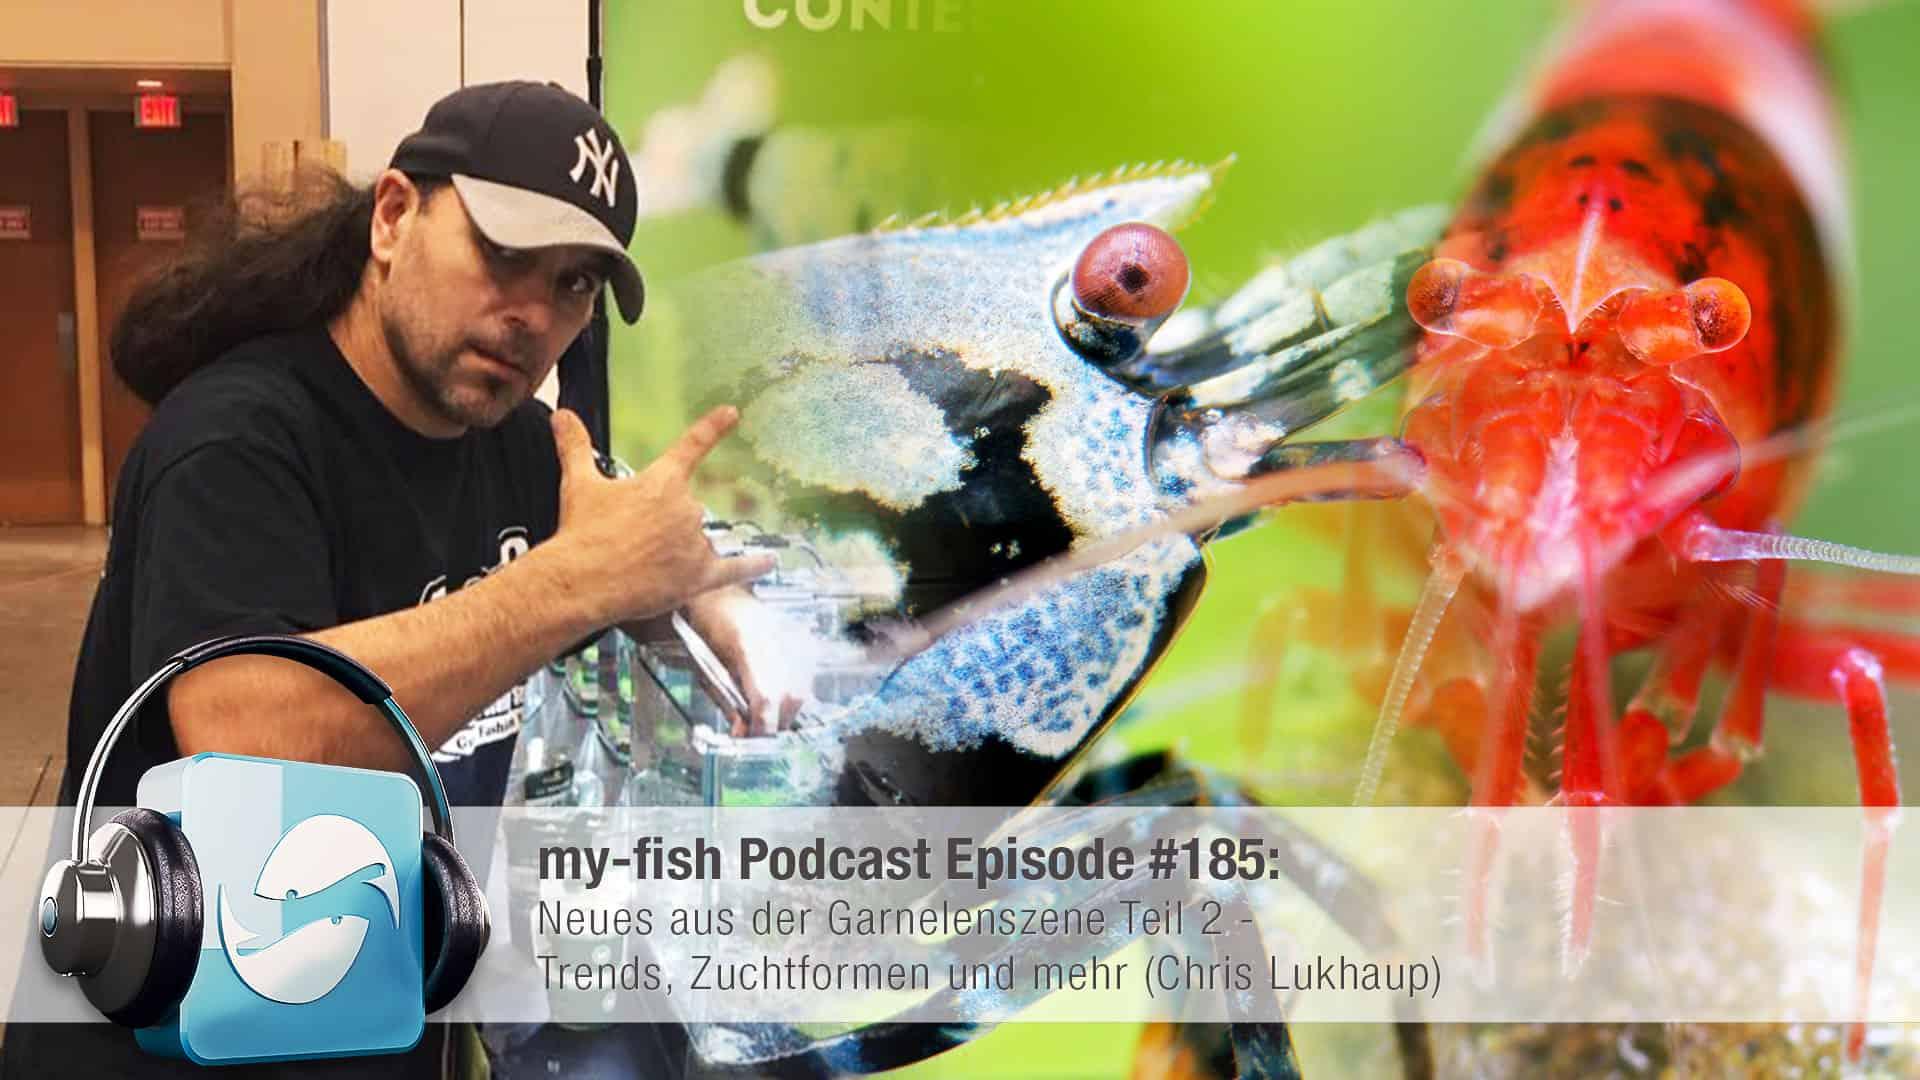 Podcast Episode #185: Neues aus der Garnelenszene Teil 2 - Trends, Zuchtformen und mehr (Chris Lukhaup) 1